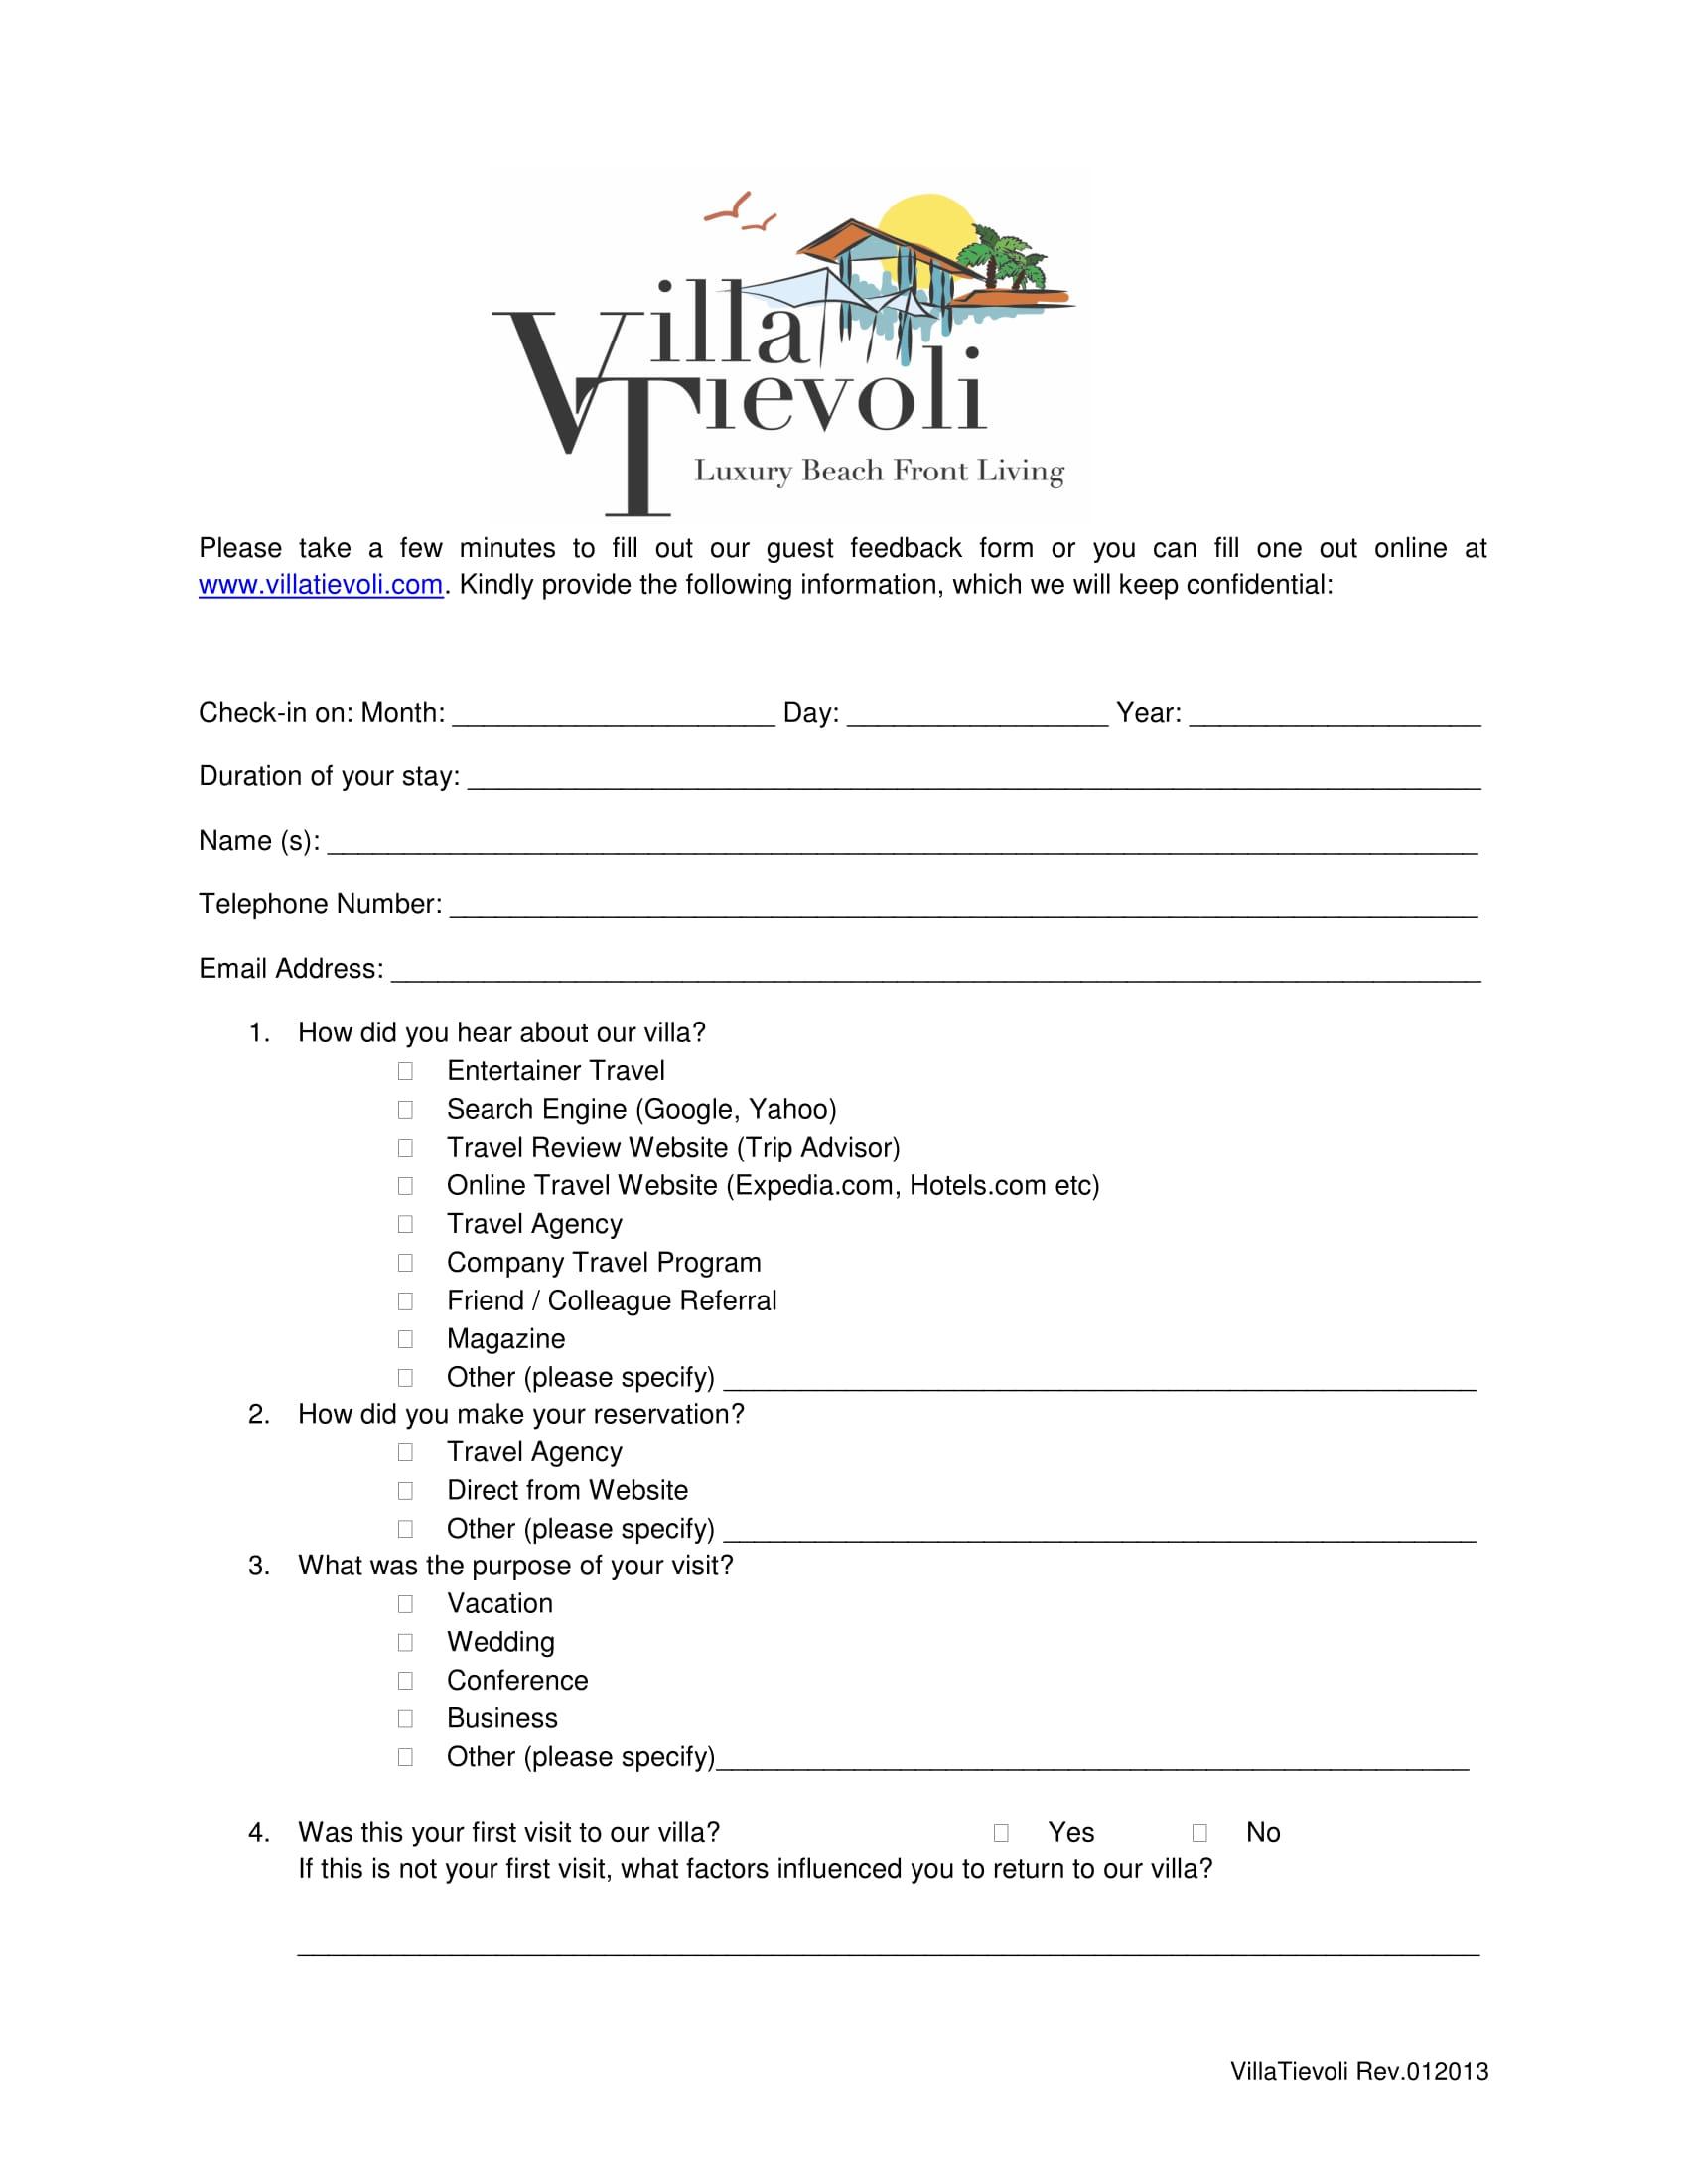 hotel guest feedback form 1